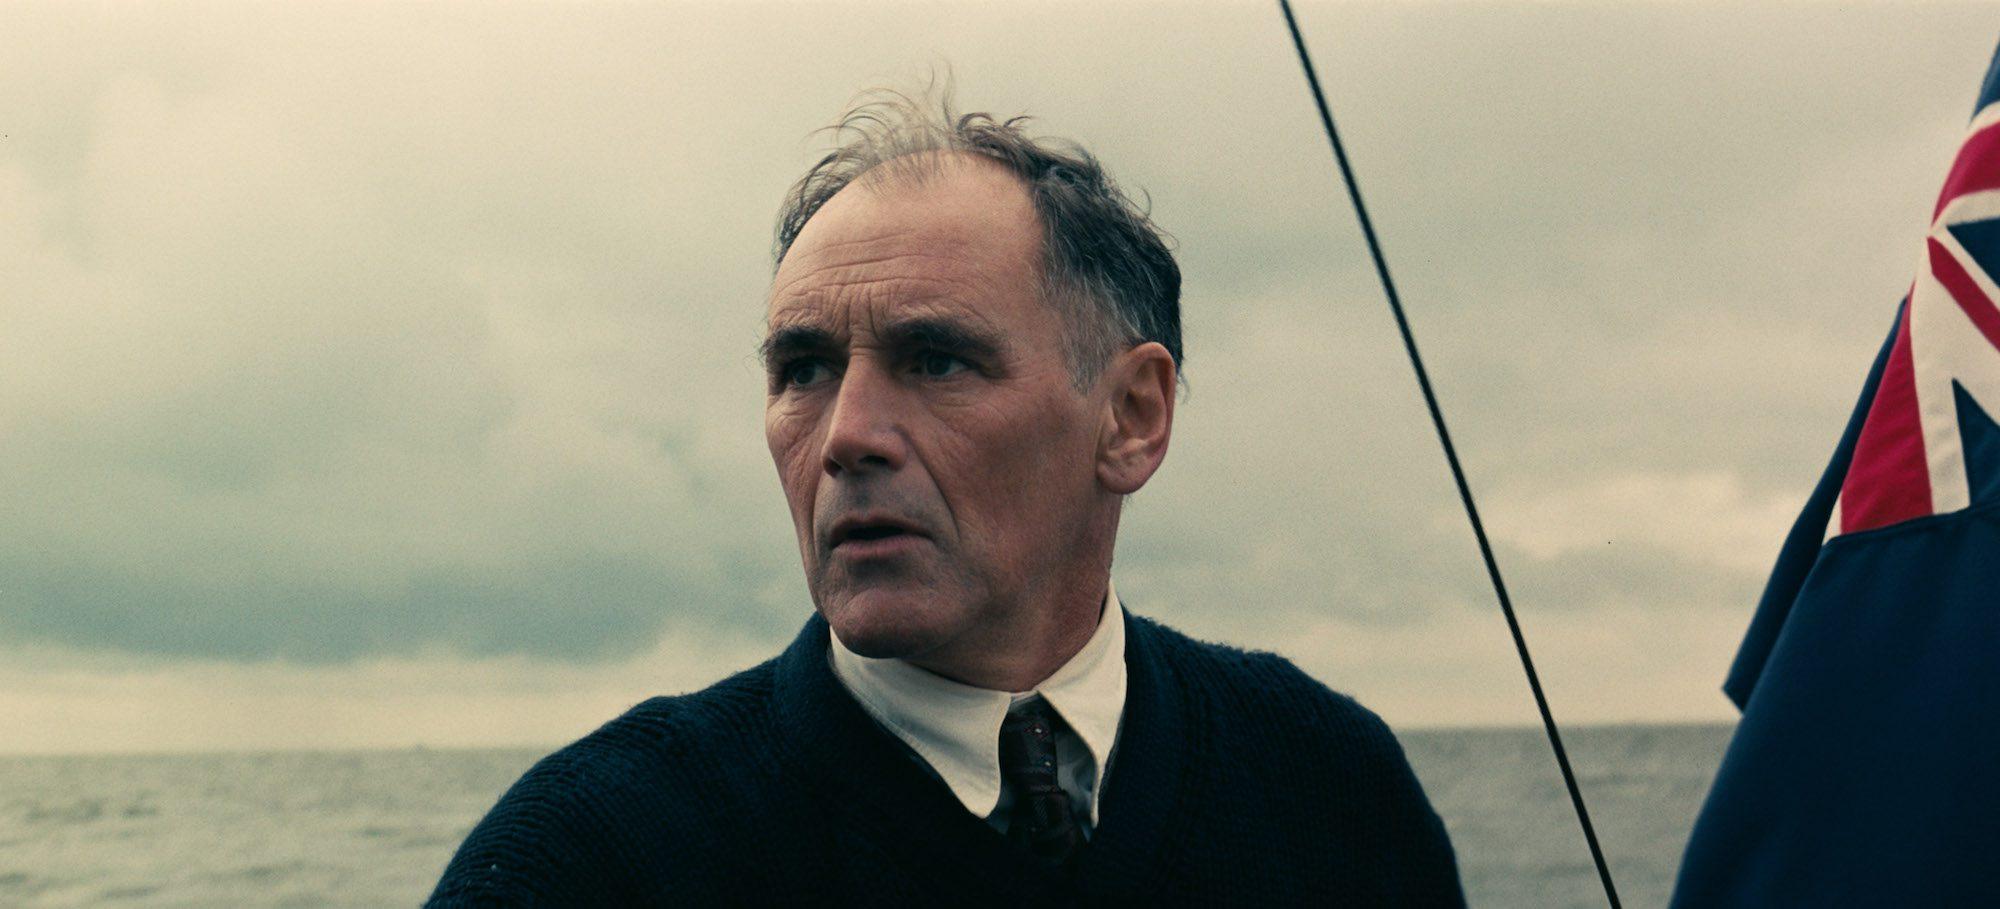 """Mr Dawson (Mark Rylance) in """"Dunkirk"""". (Warner Bros Pictures)"""